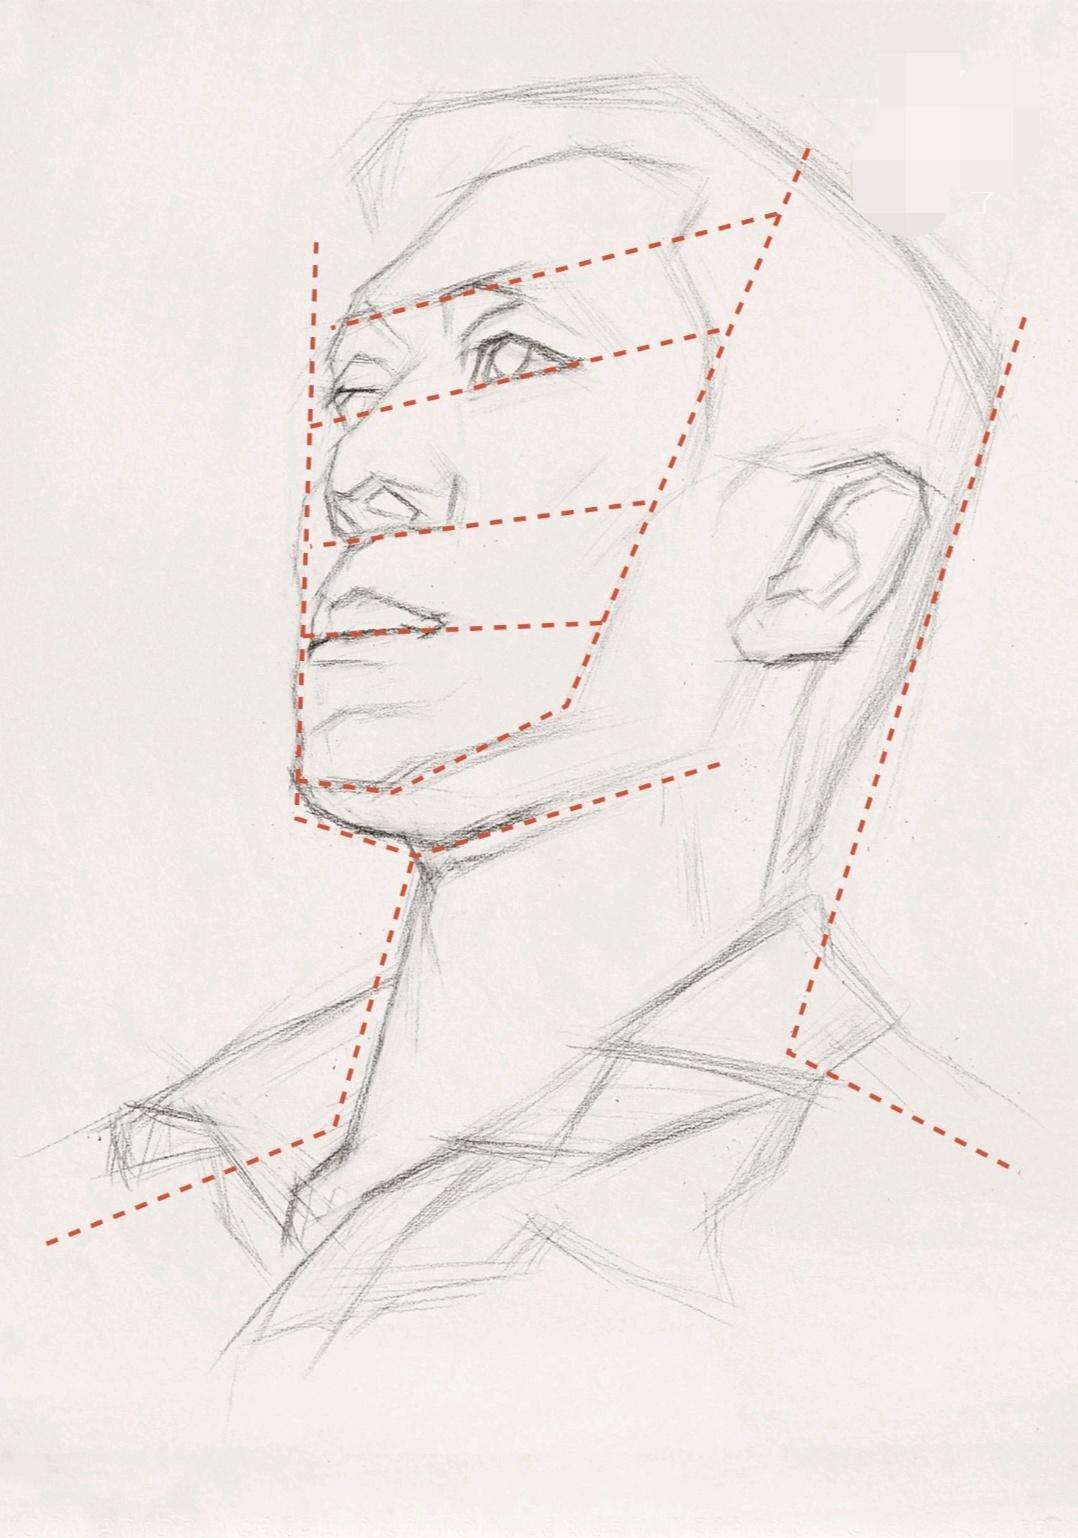 美术线条设计图